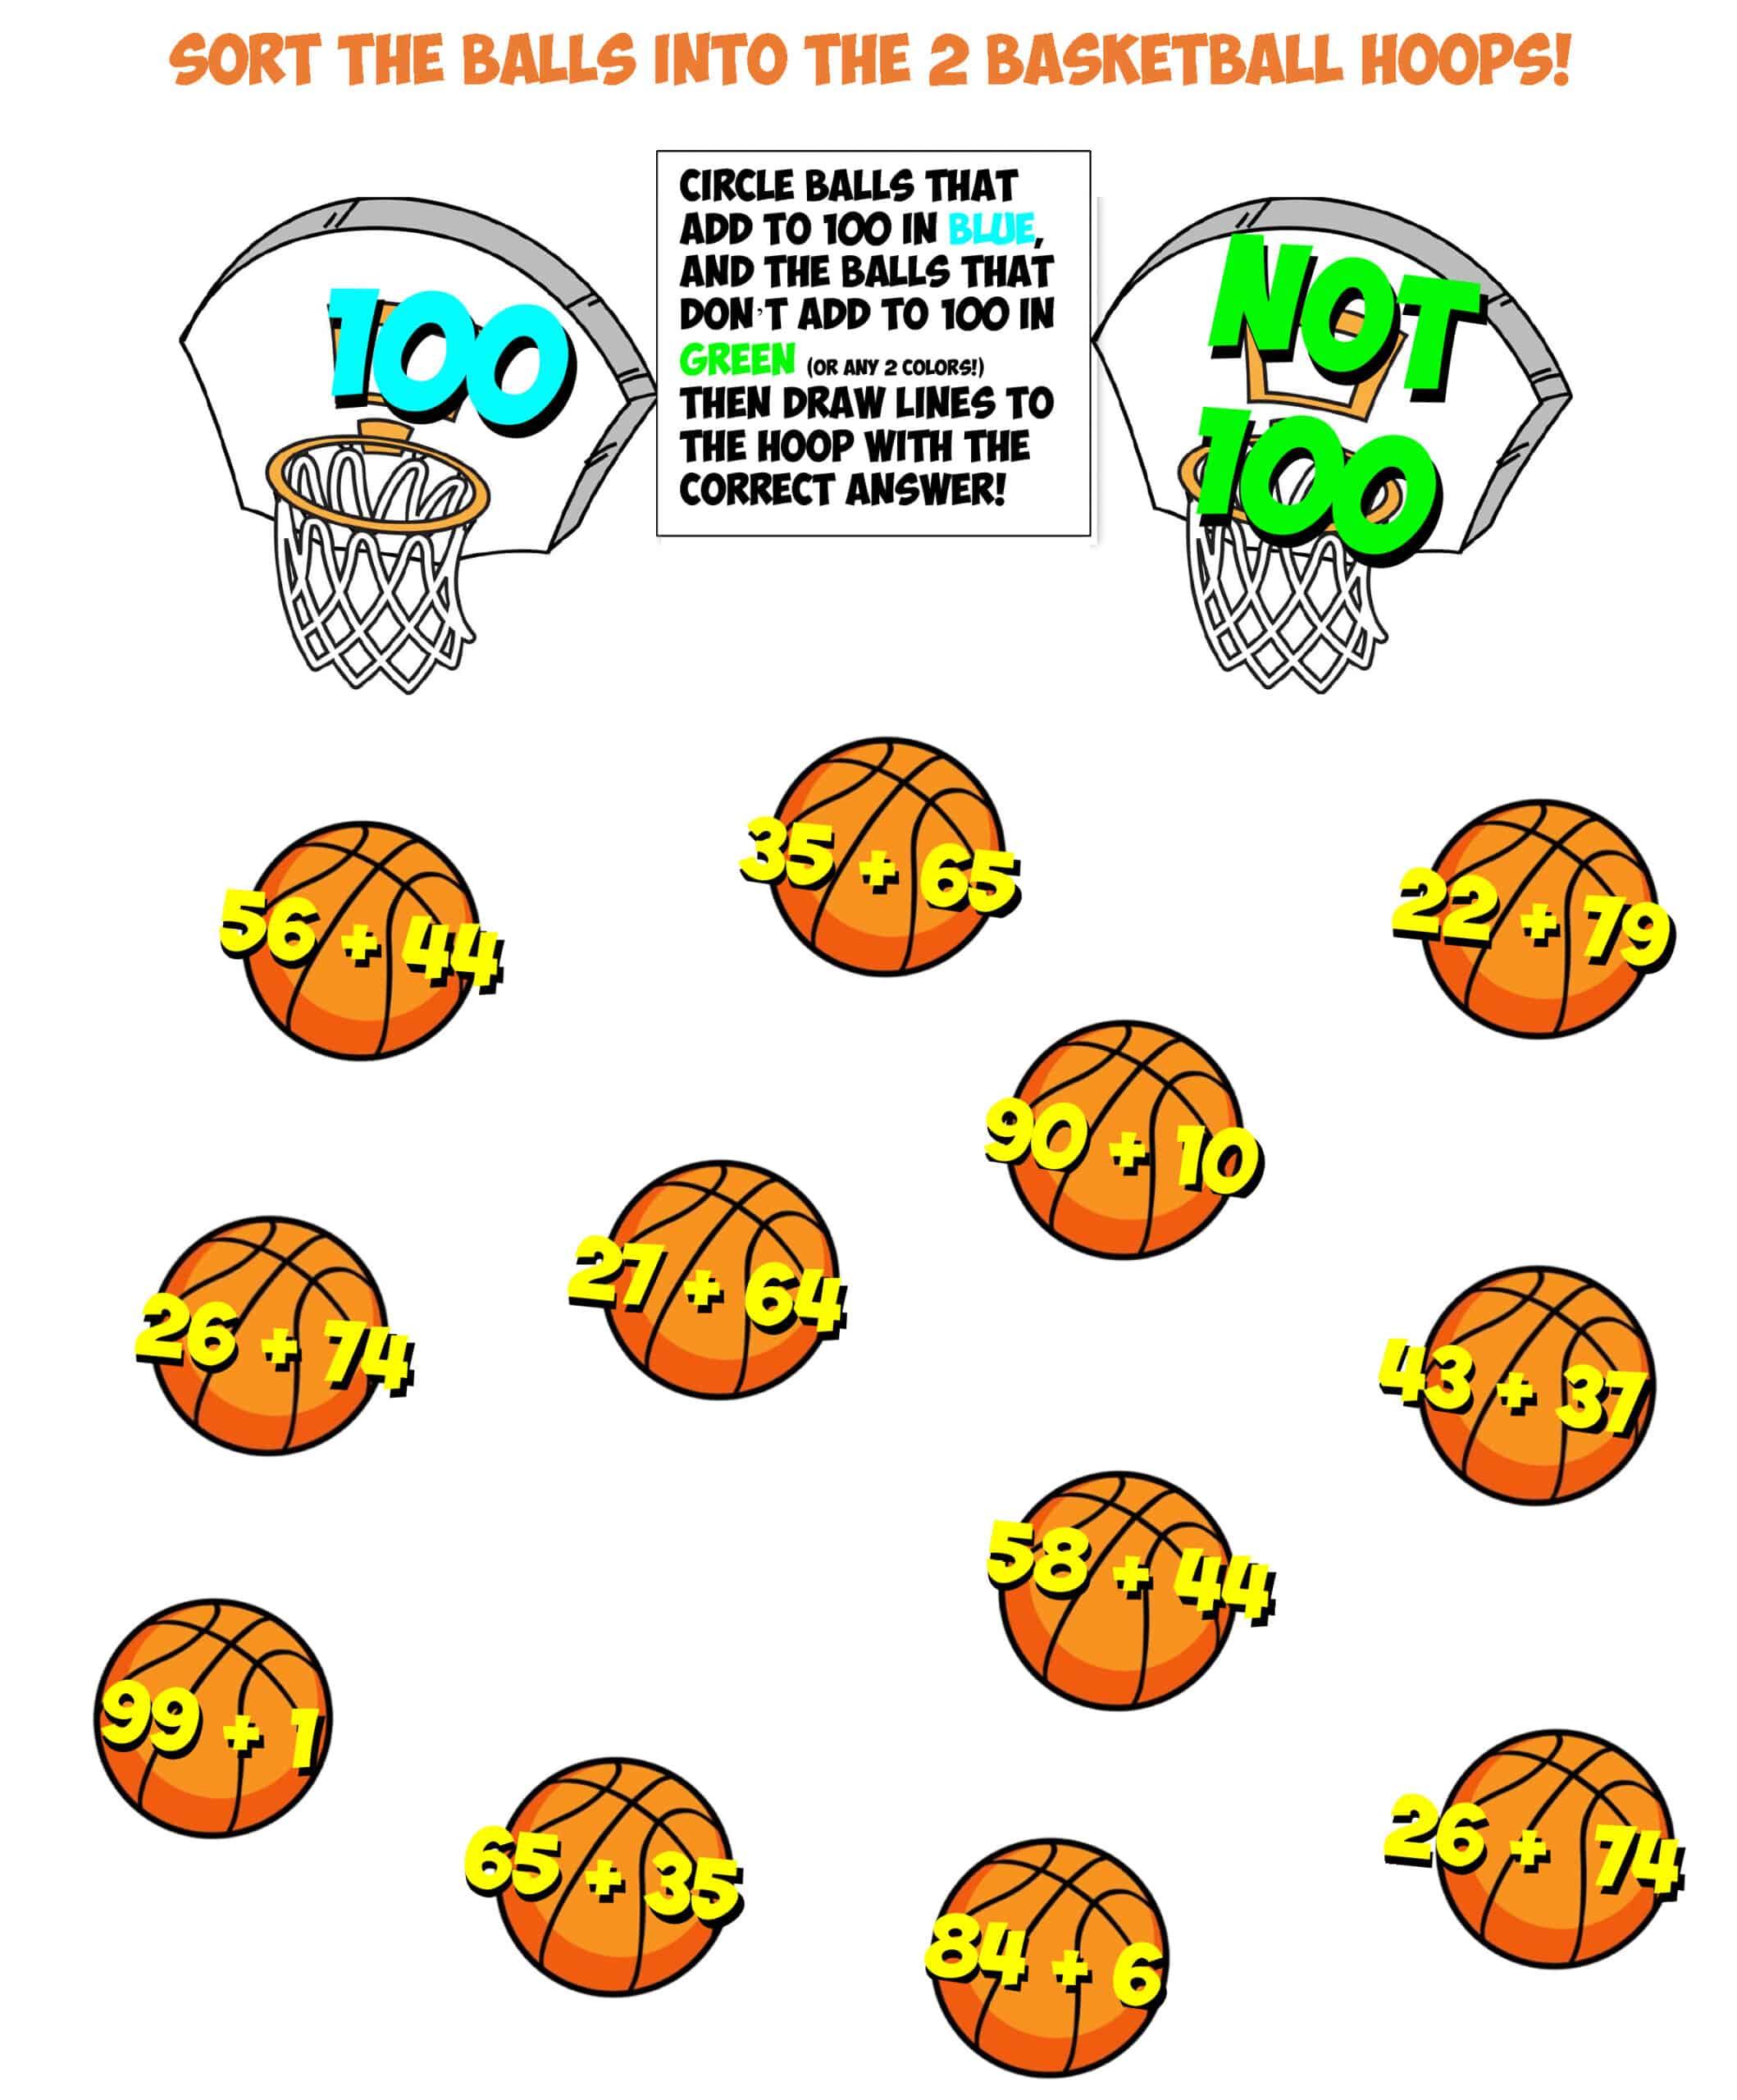 basketball sort 8 adding to 100